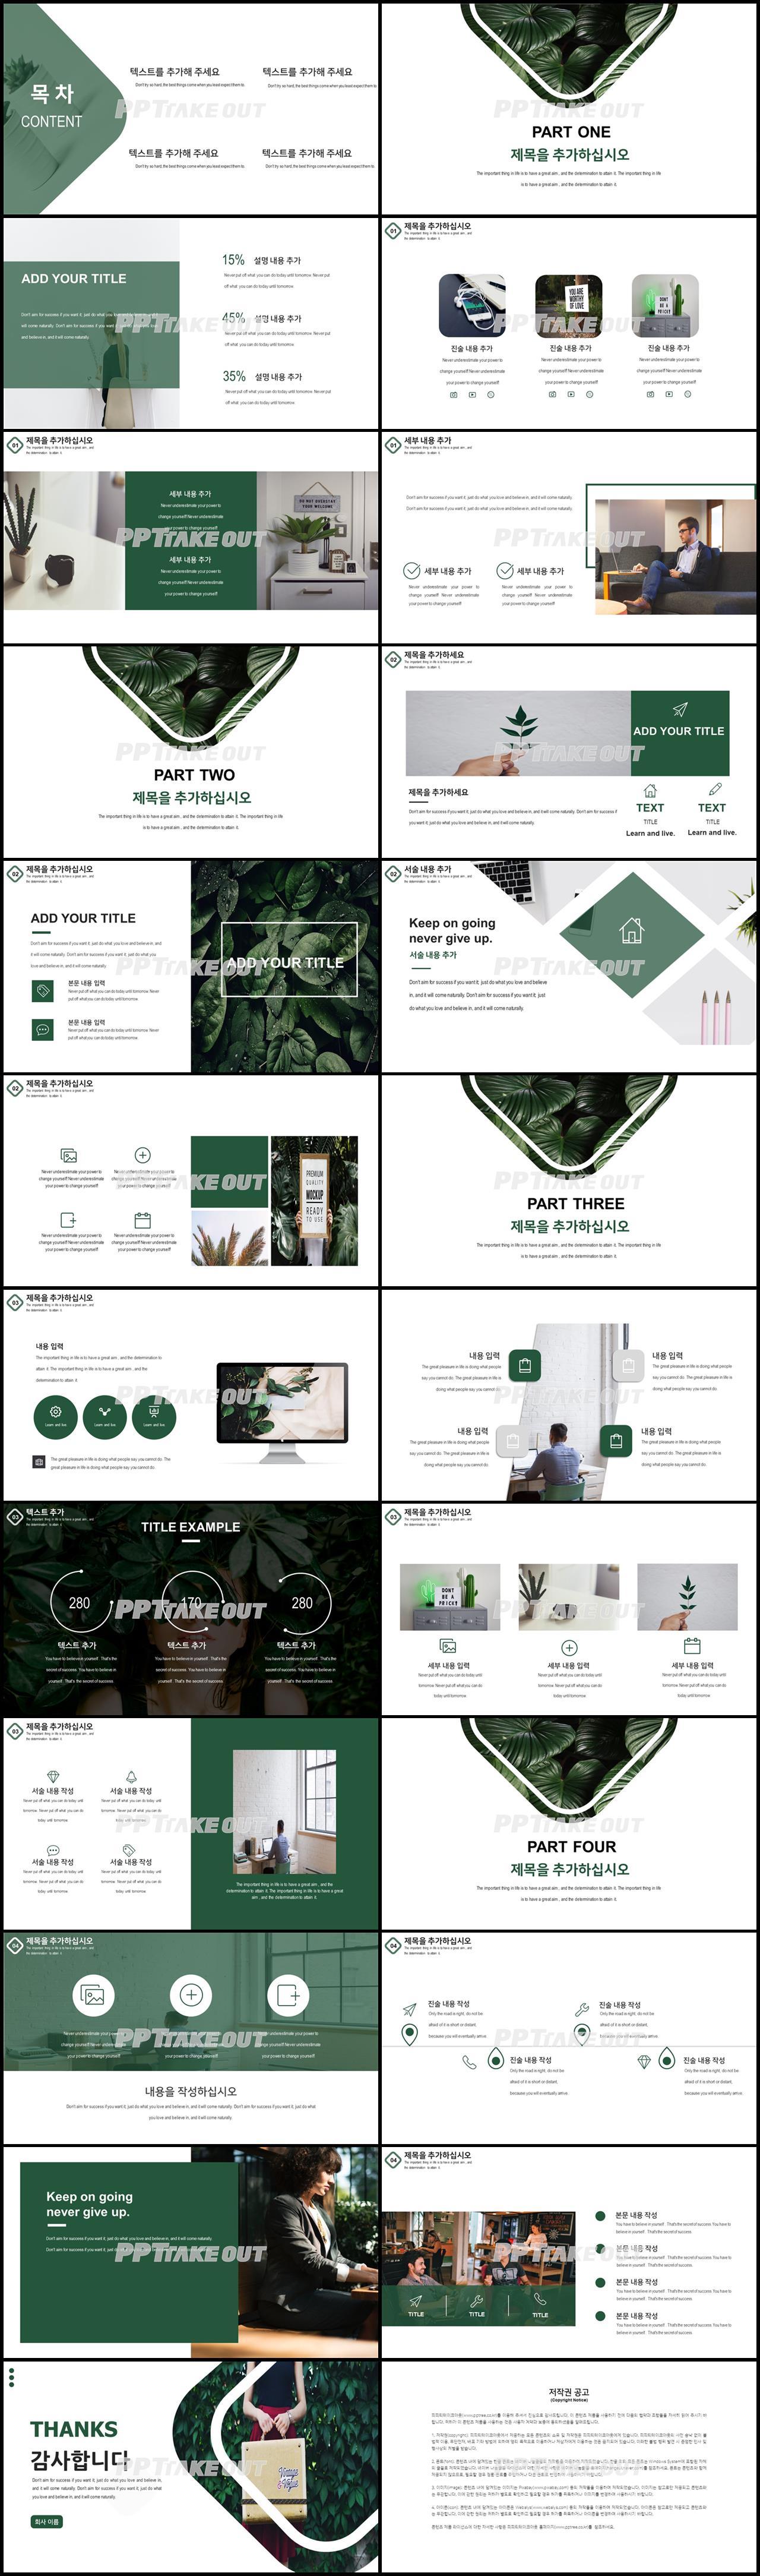 화훼, 동물주제 초록색 아담한 발표용 PPT양식 다운 상세보기